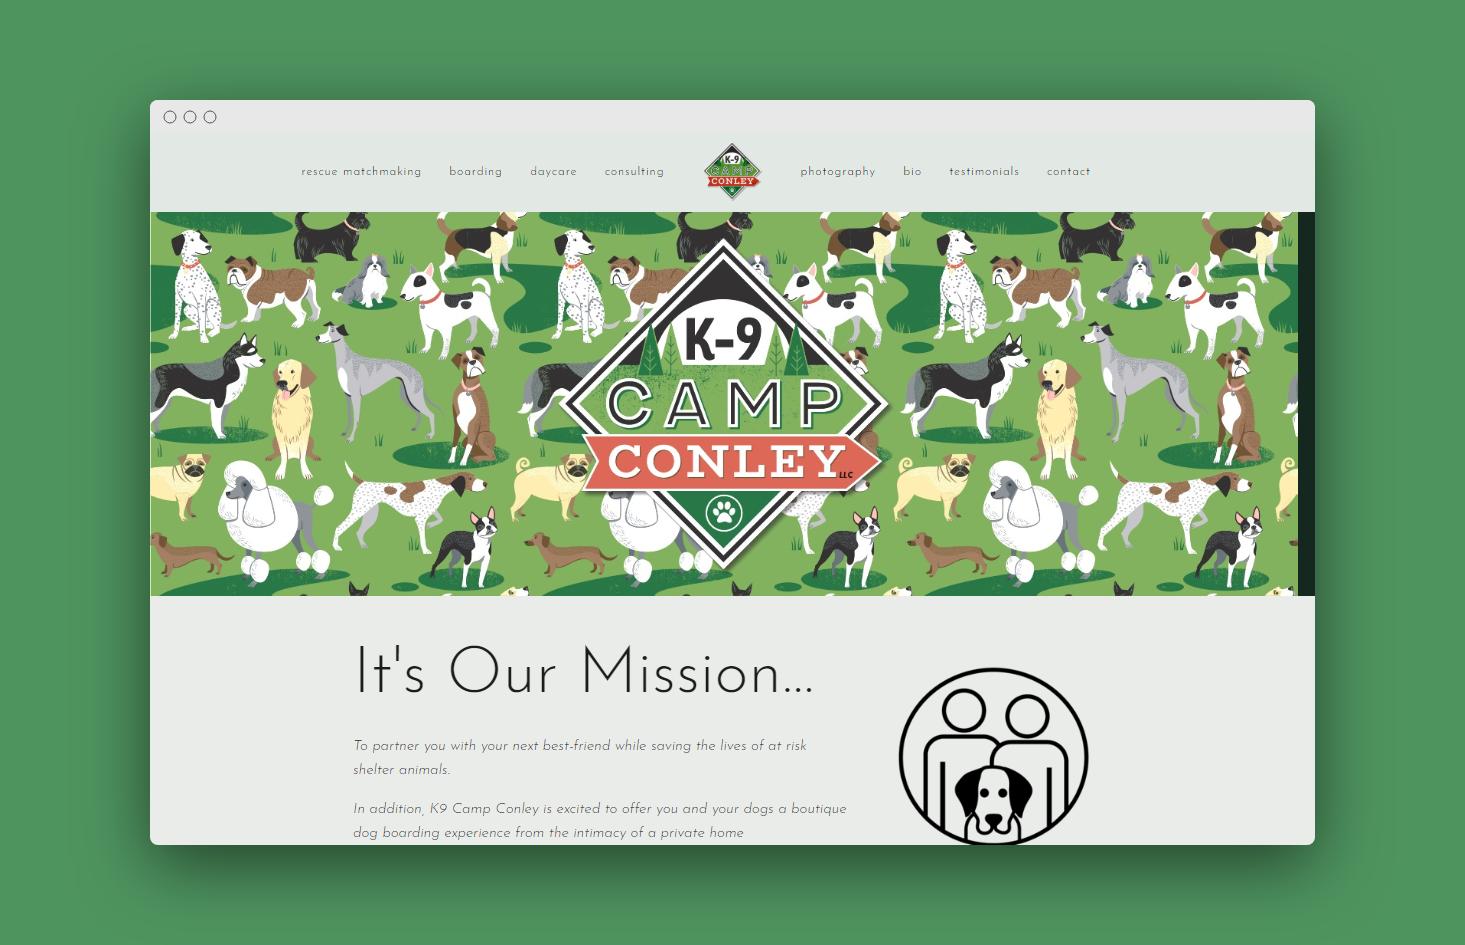 mindfull-marketing-nashville-k9campconley-mock-up.png